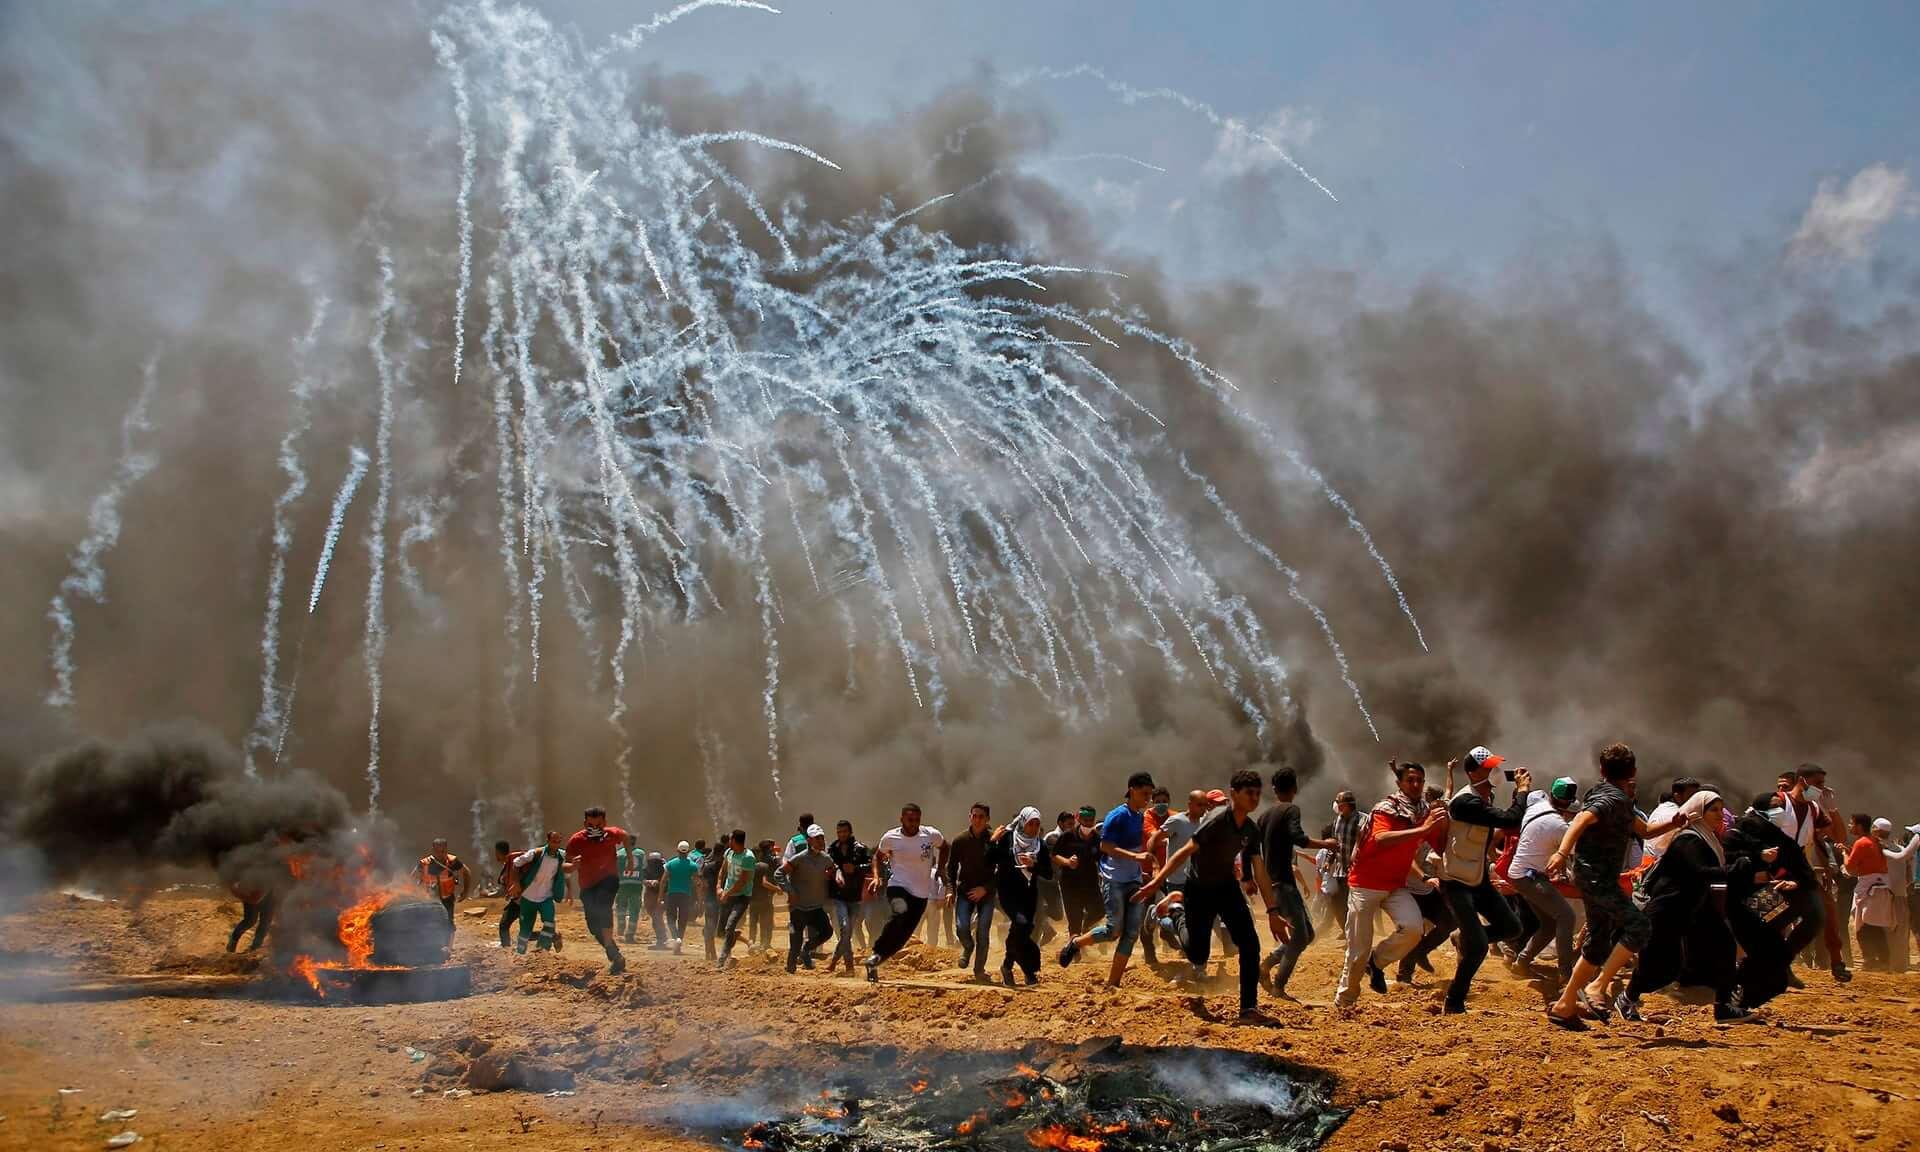 Gaza: Fuerzas israelíes matan a 41 palestinos durante protestas por embajada de EE.UU. en Jerusalén